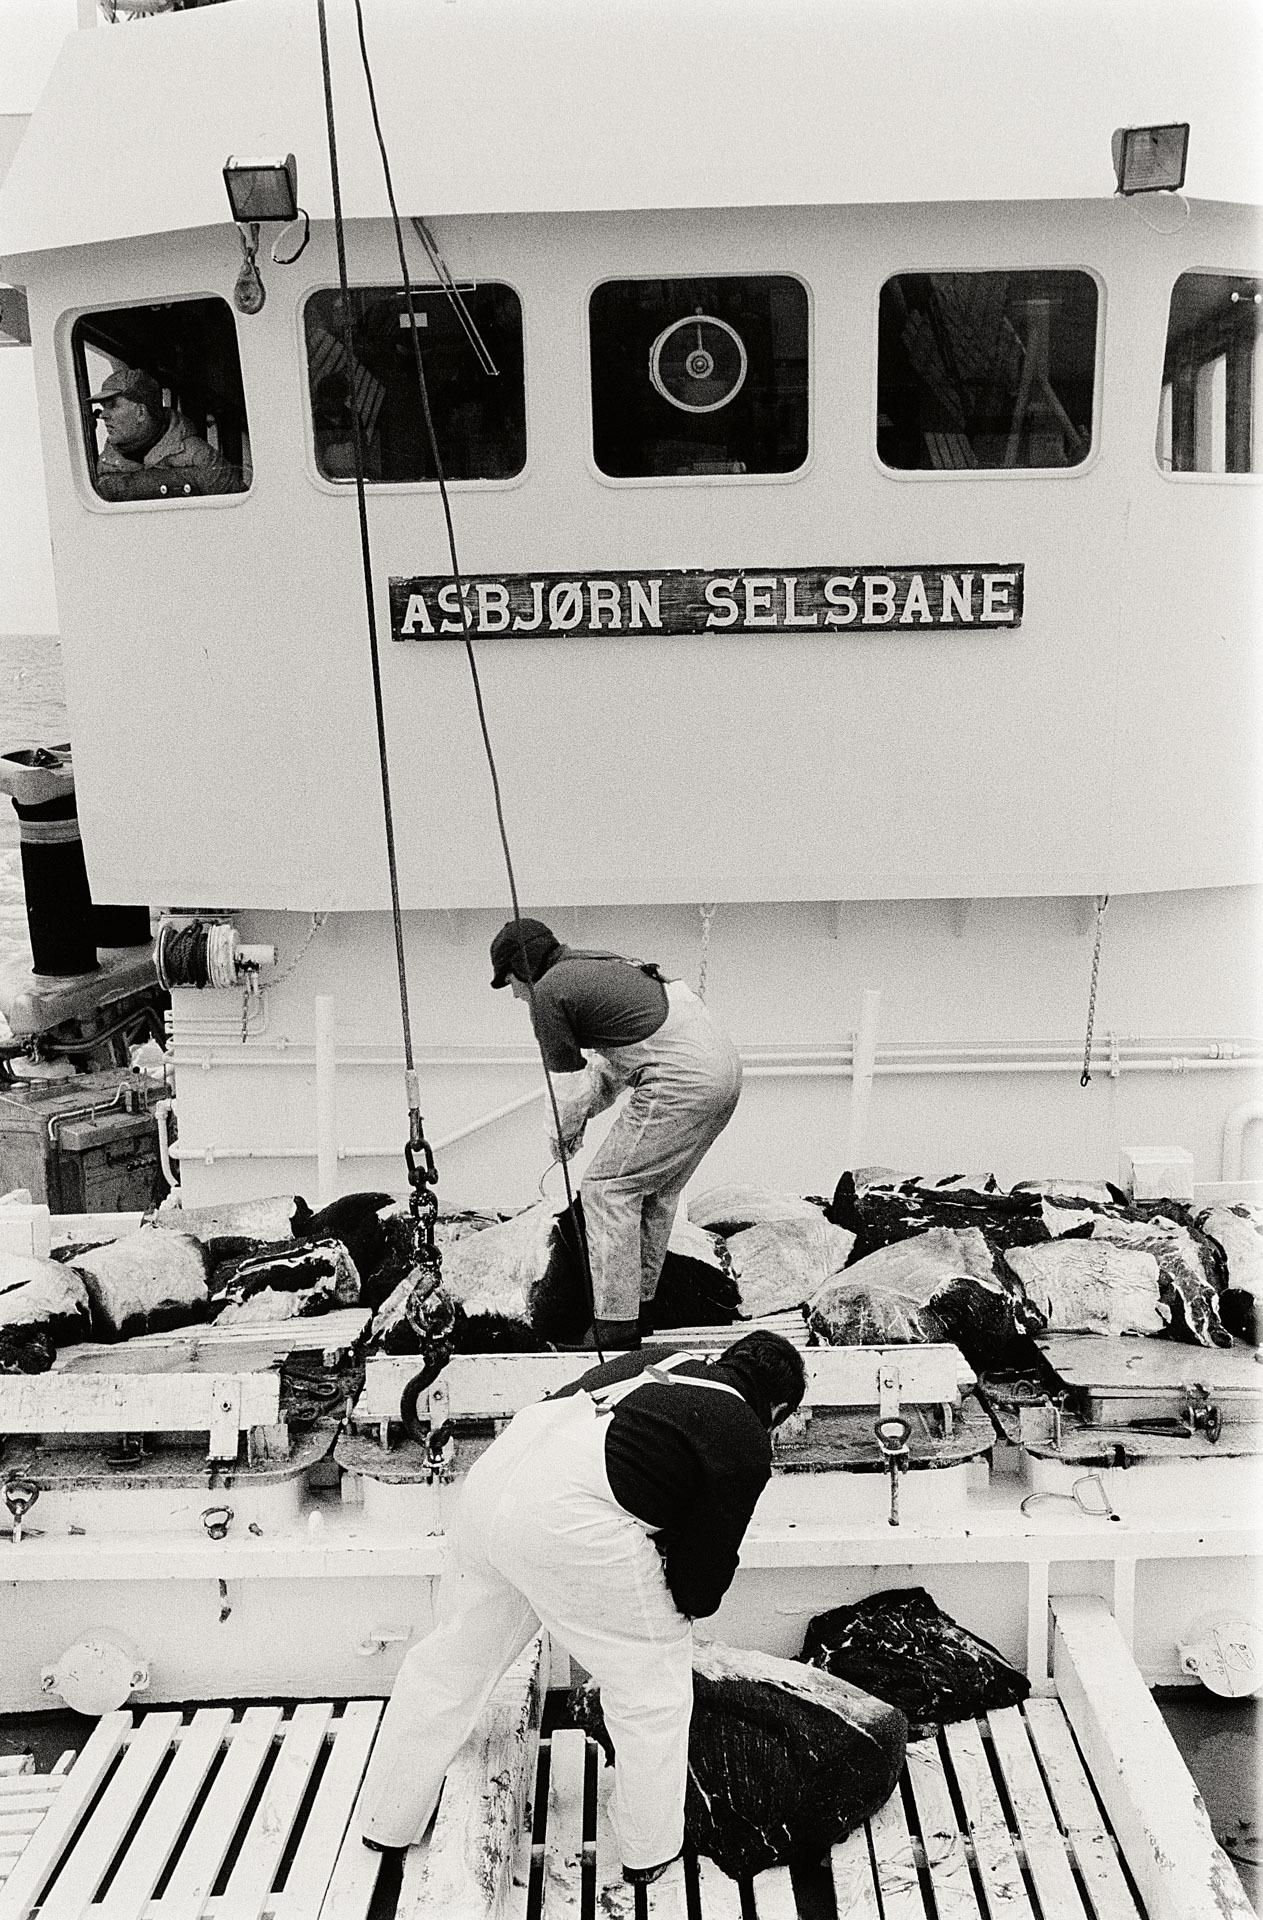 Asbjorn Selsbane 9